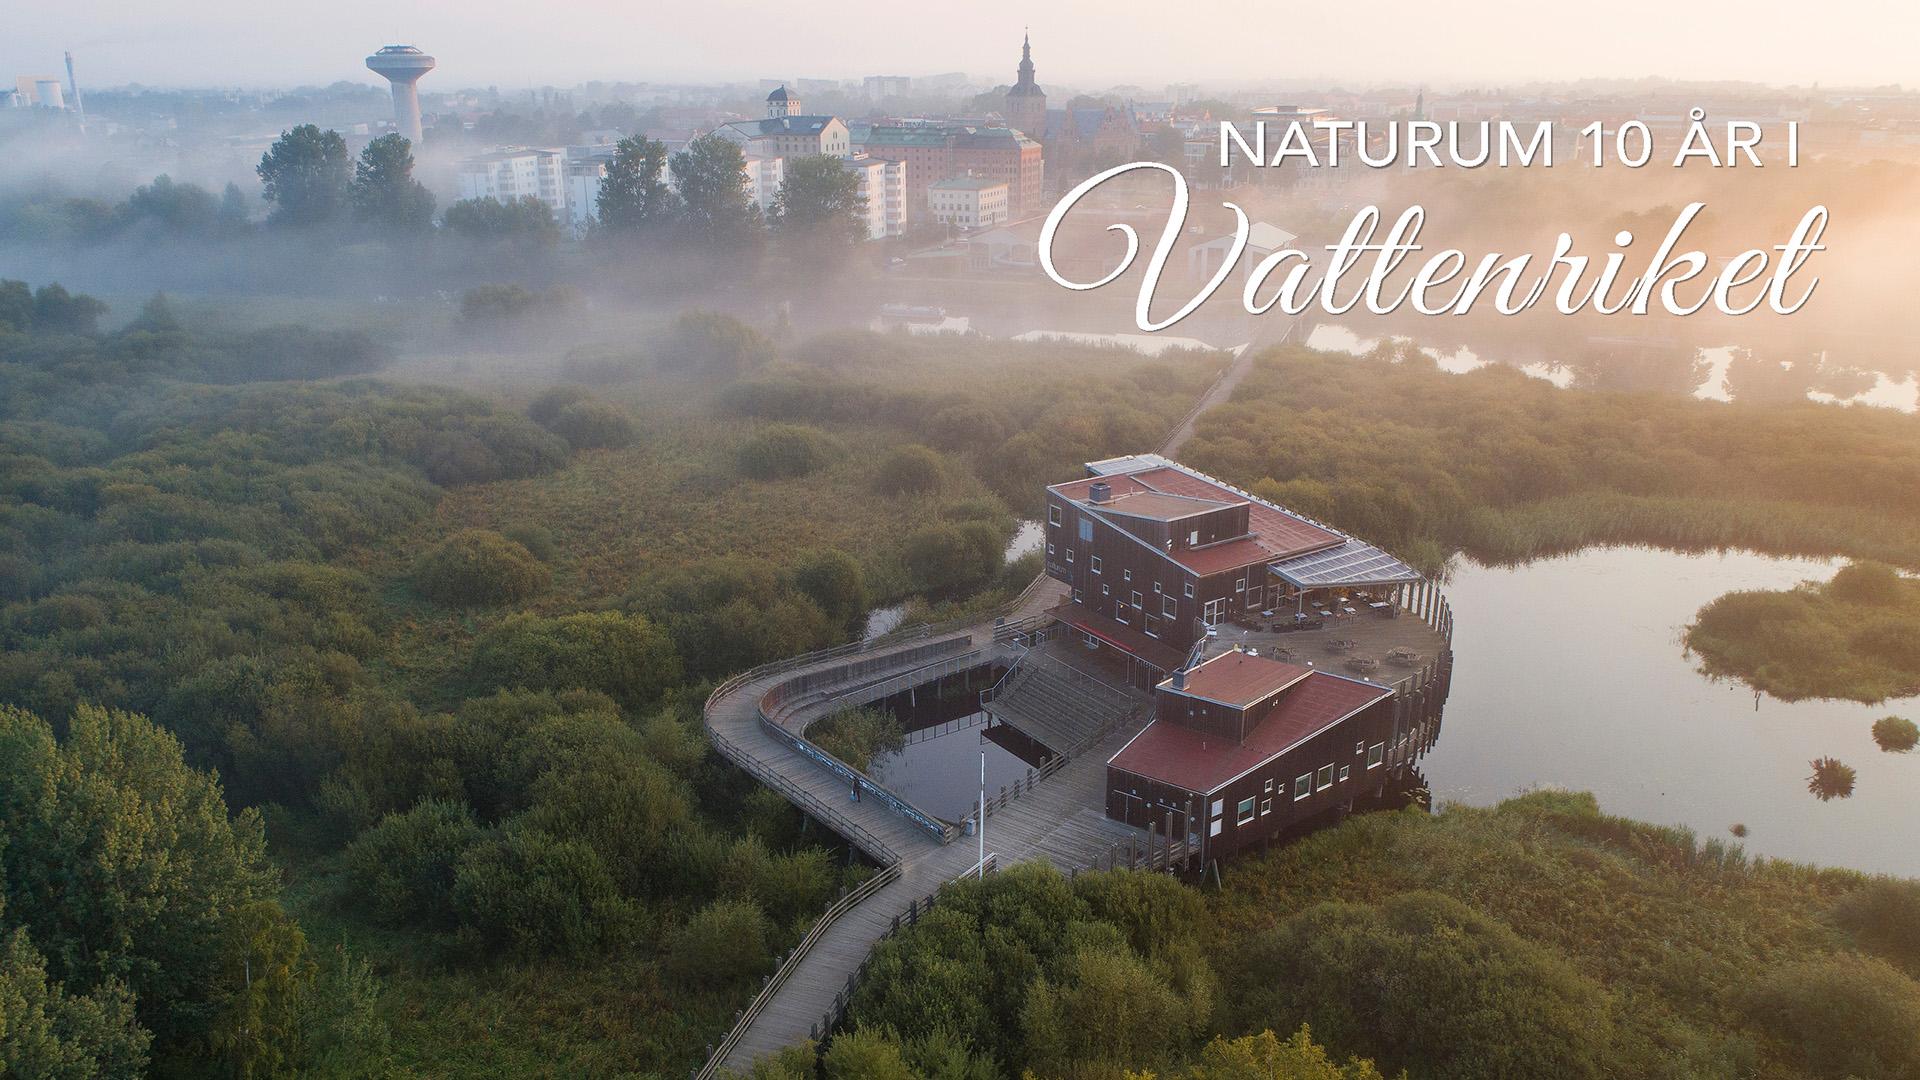 Naturum Fyller 10 år I Vattenriket. Foto Patrik Olofsson/N